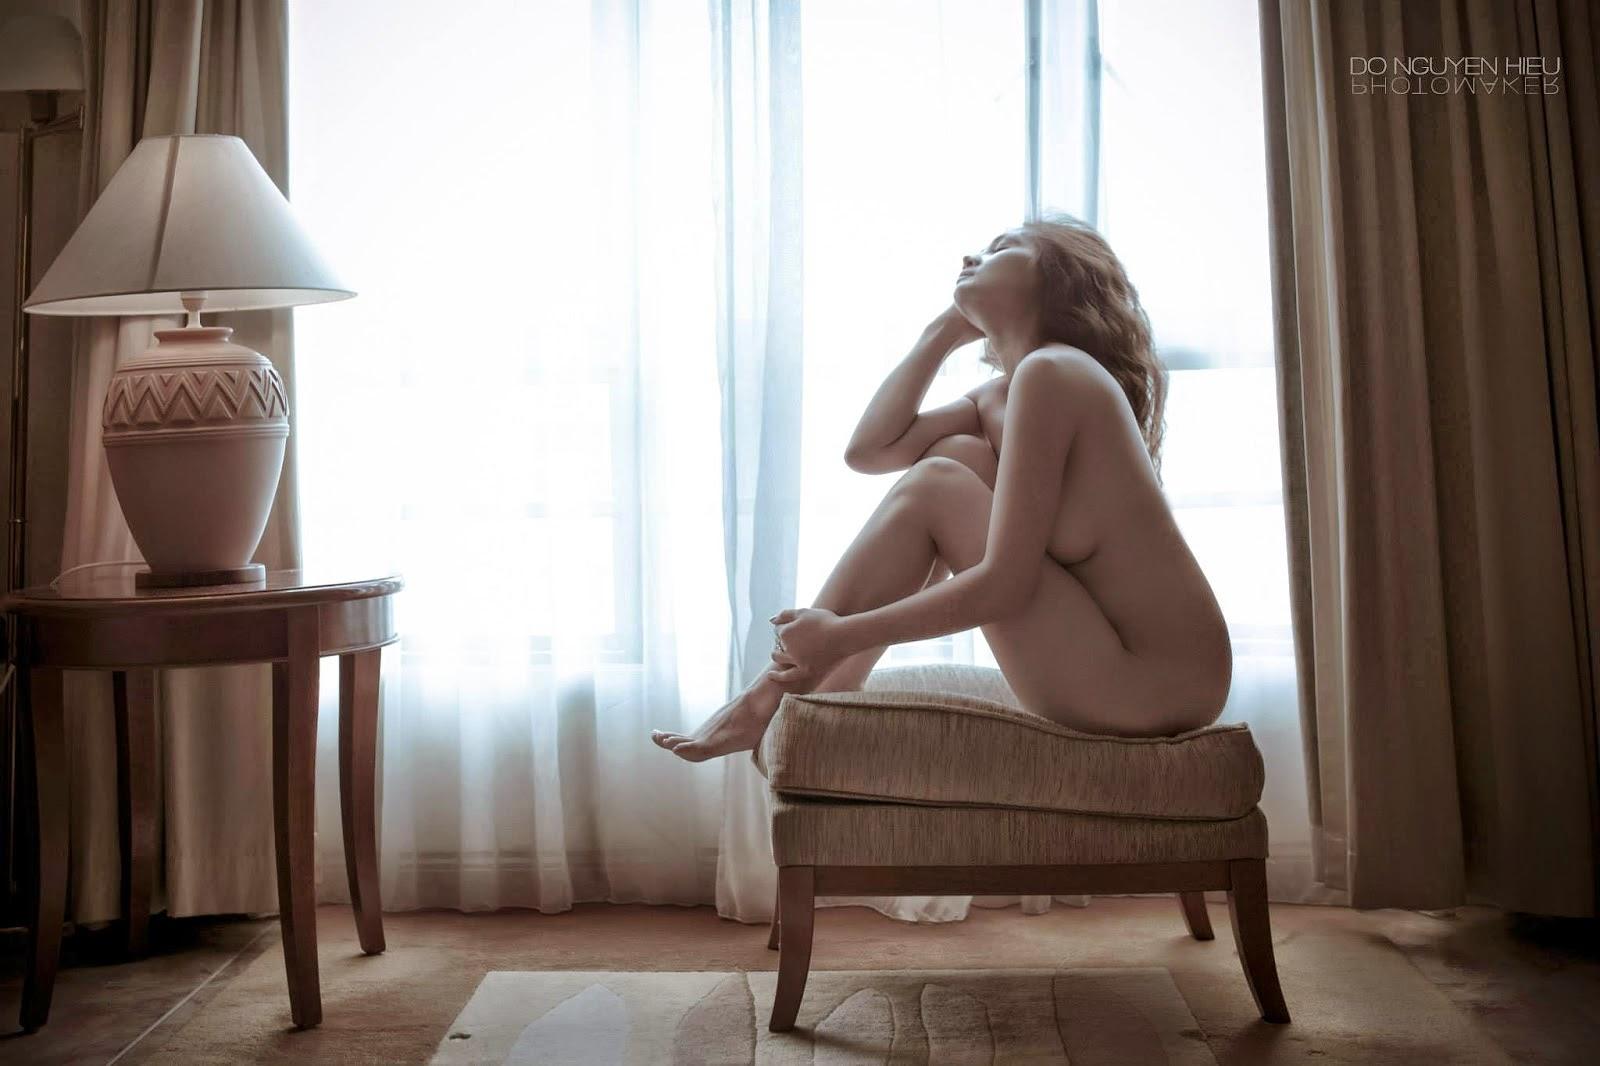 Những bức ảnh gợi cảm khỏa thân nõn nà Leina Tran